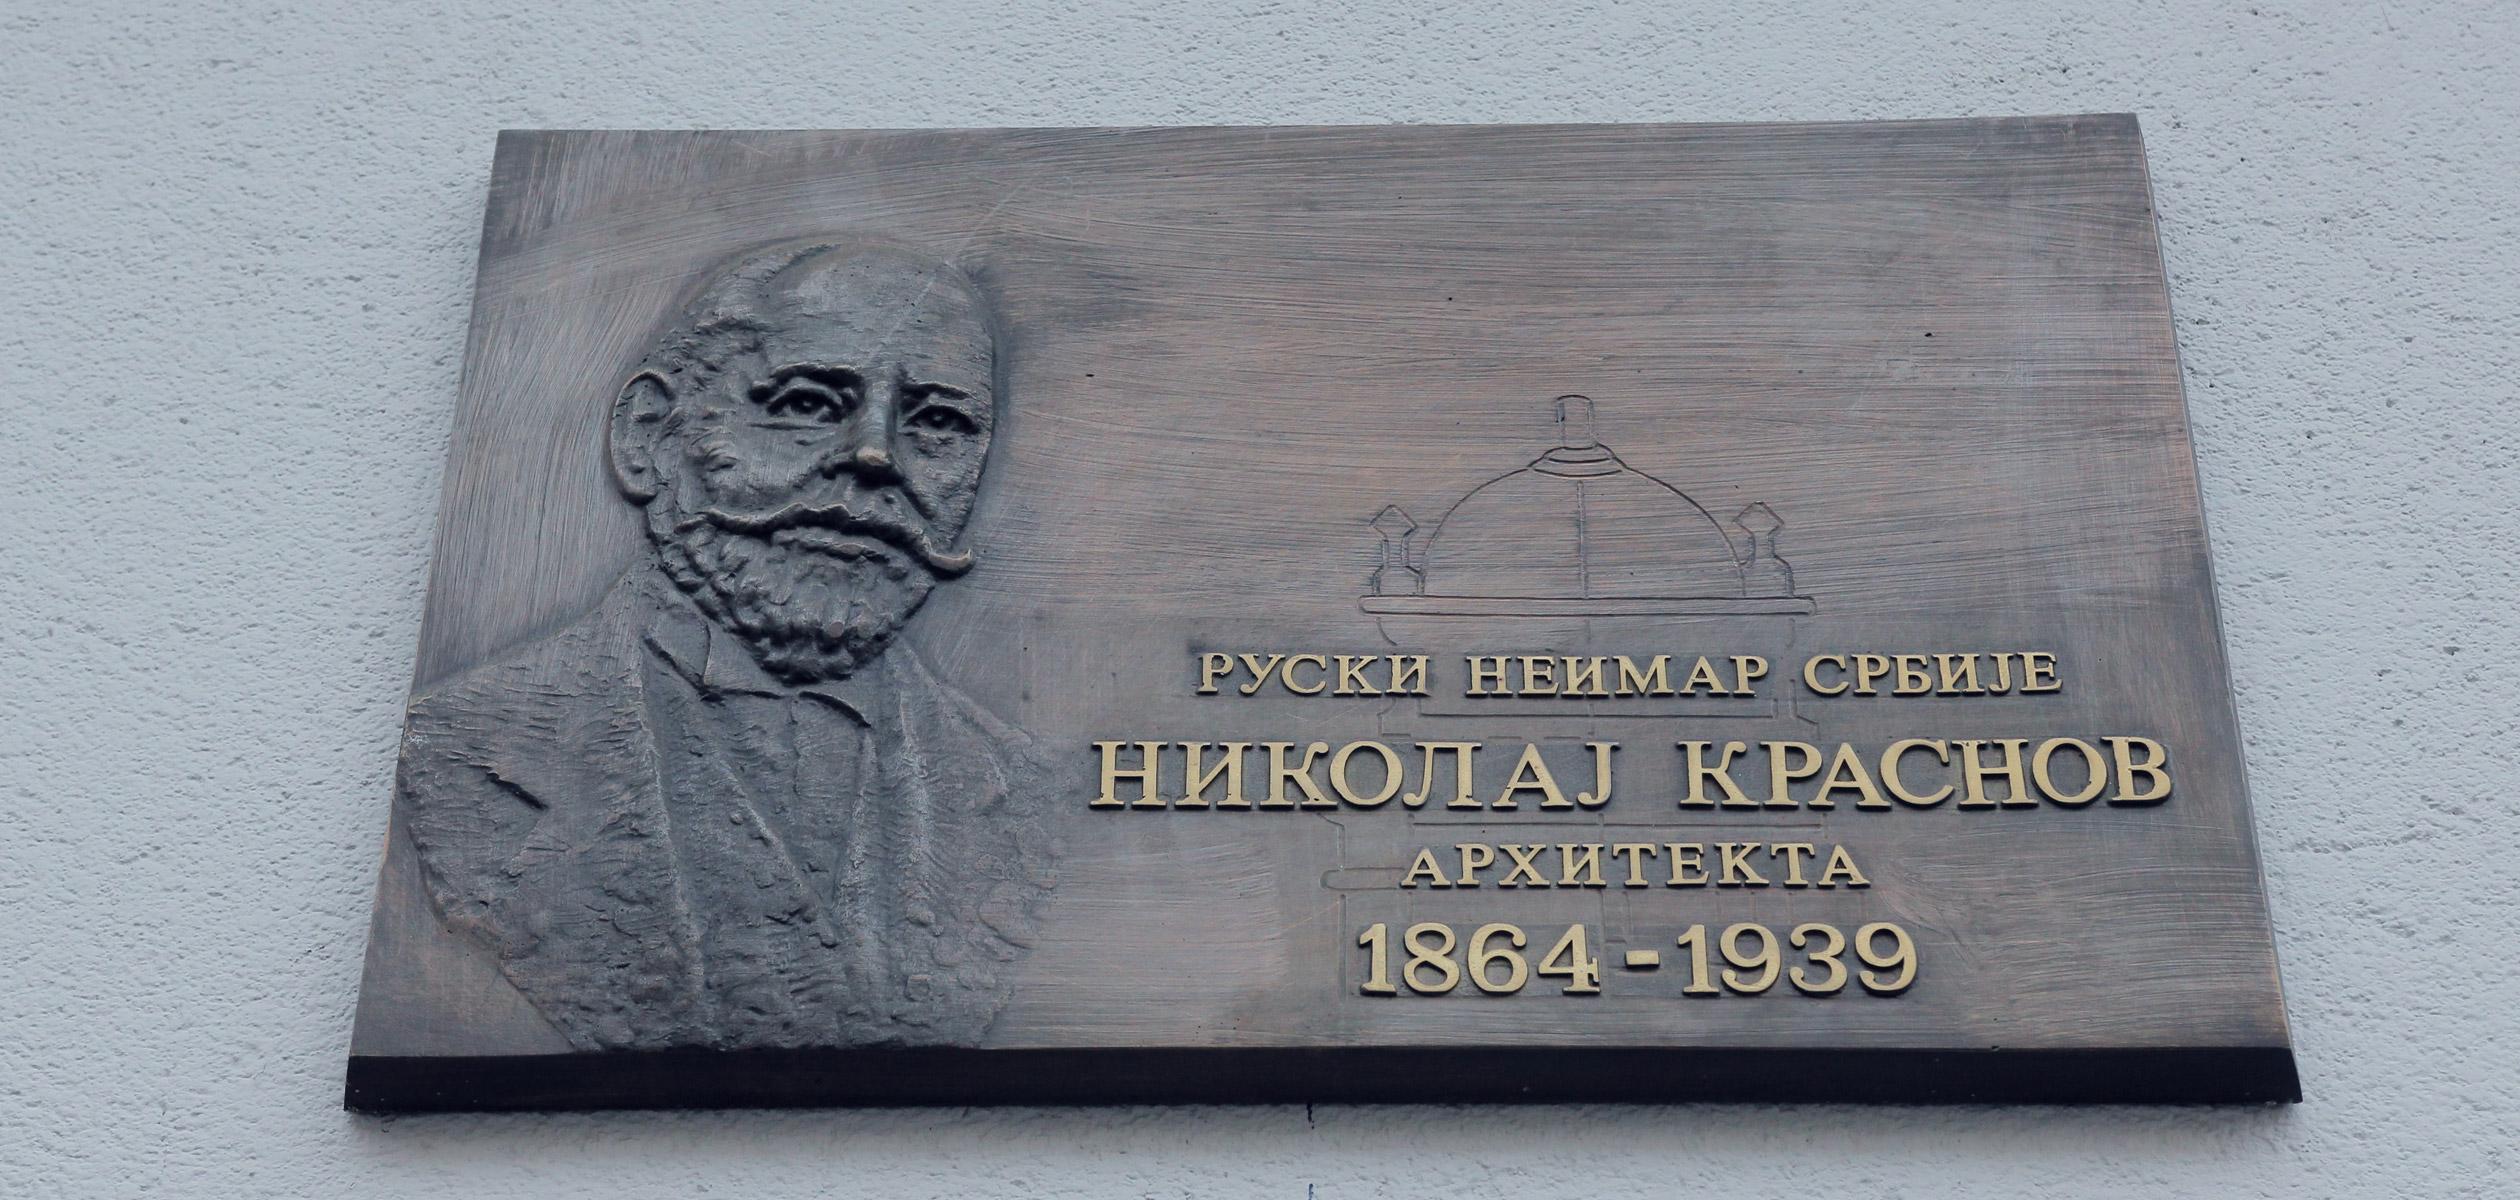 nikolaj-krasnov-arhitekta.jpg